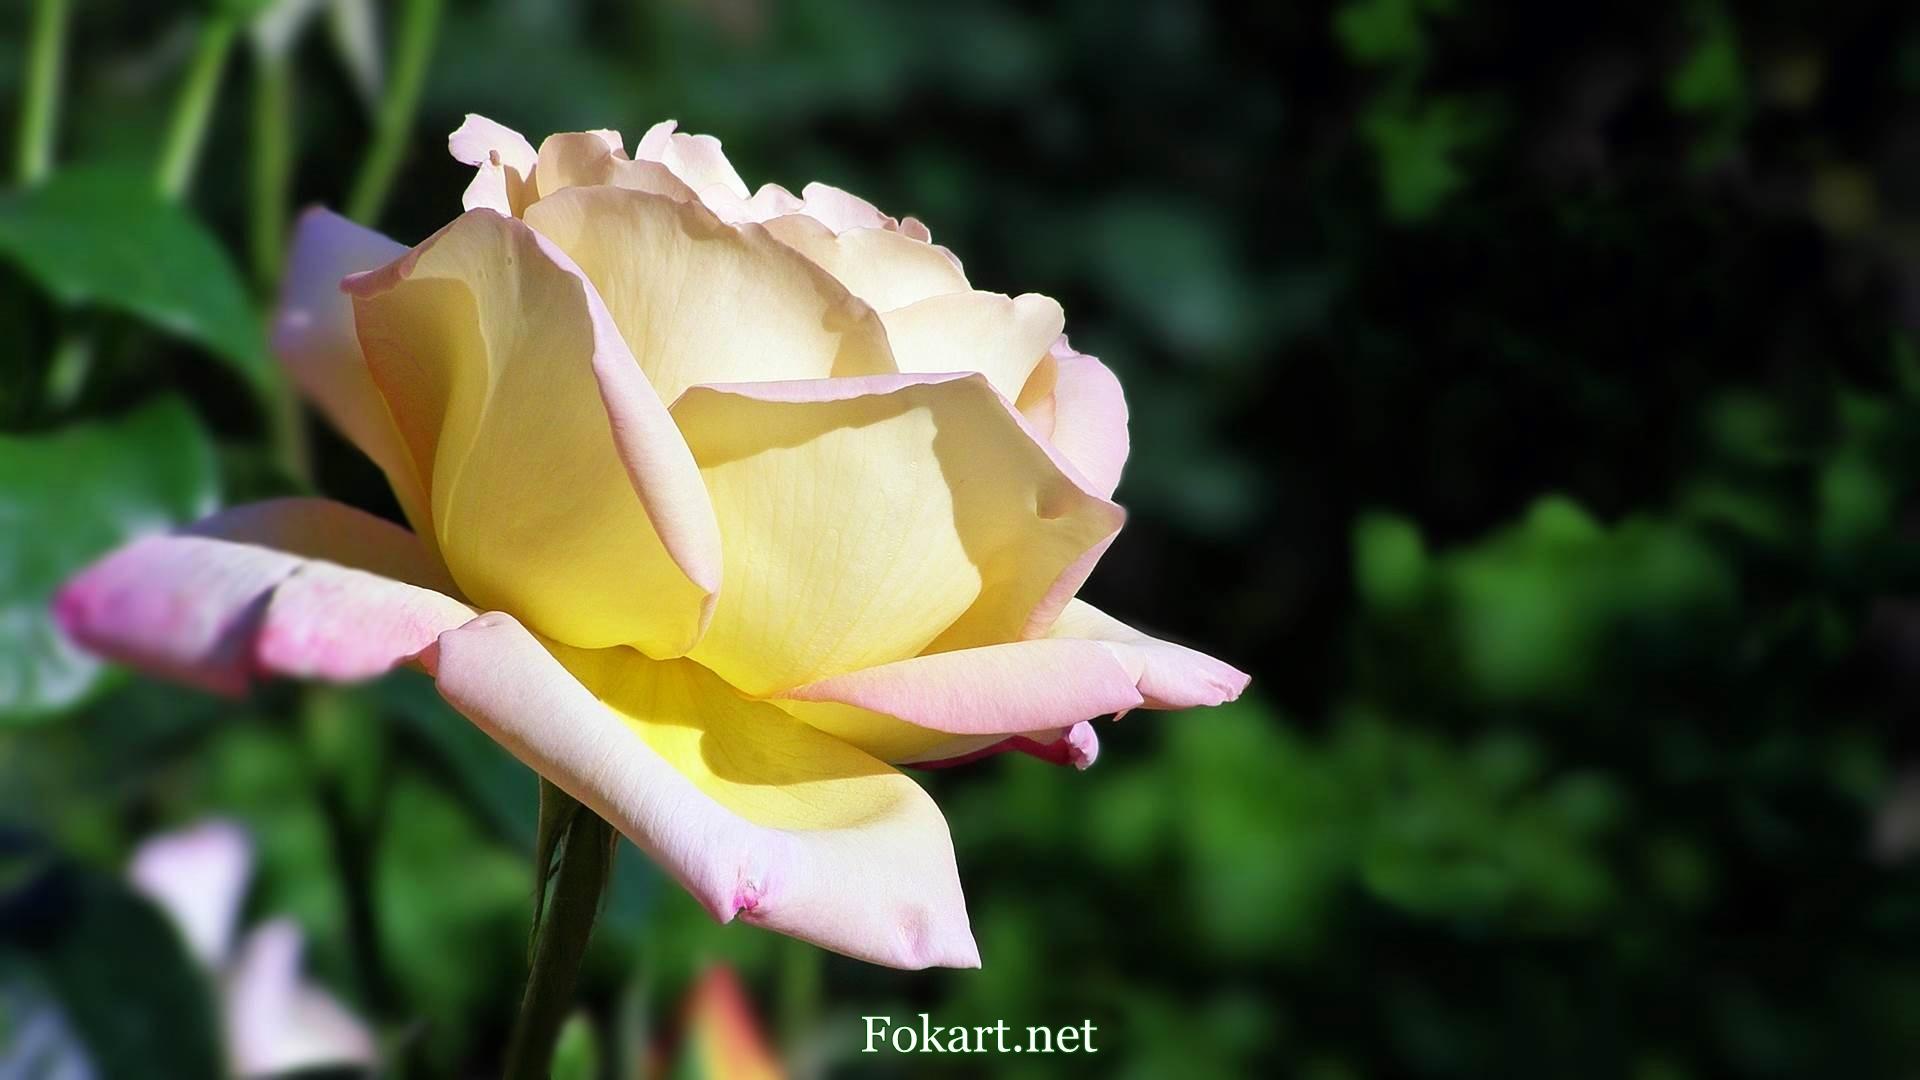 Желтоватая чайная роза в лучах солнца, вид сбоку